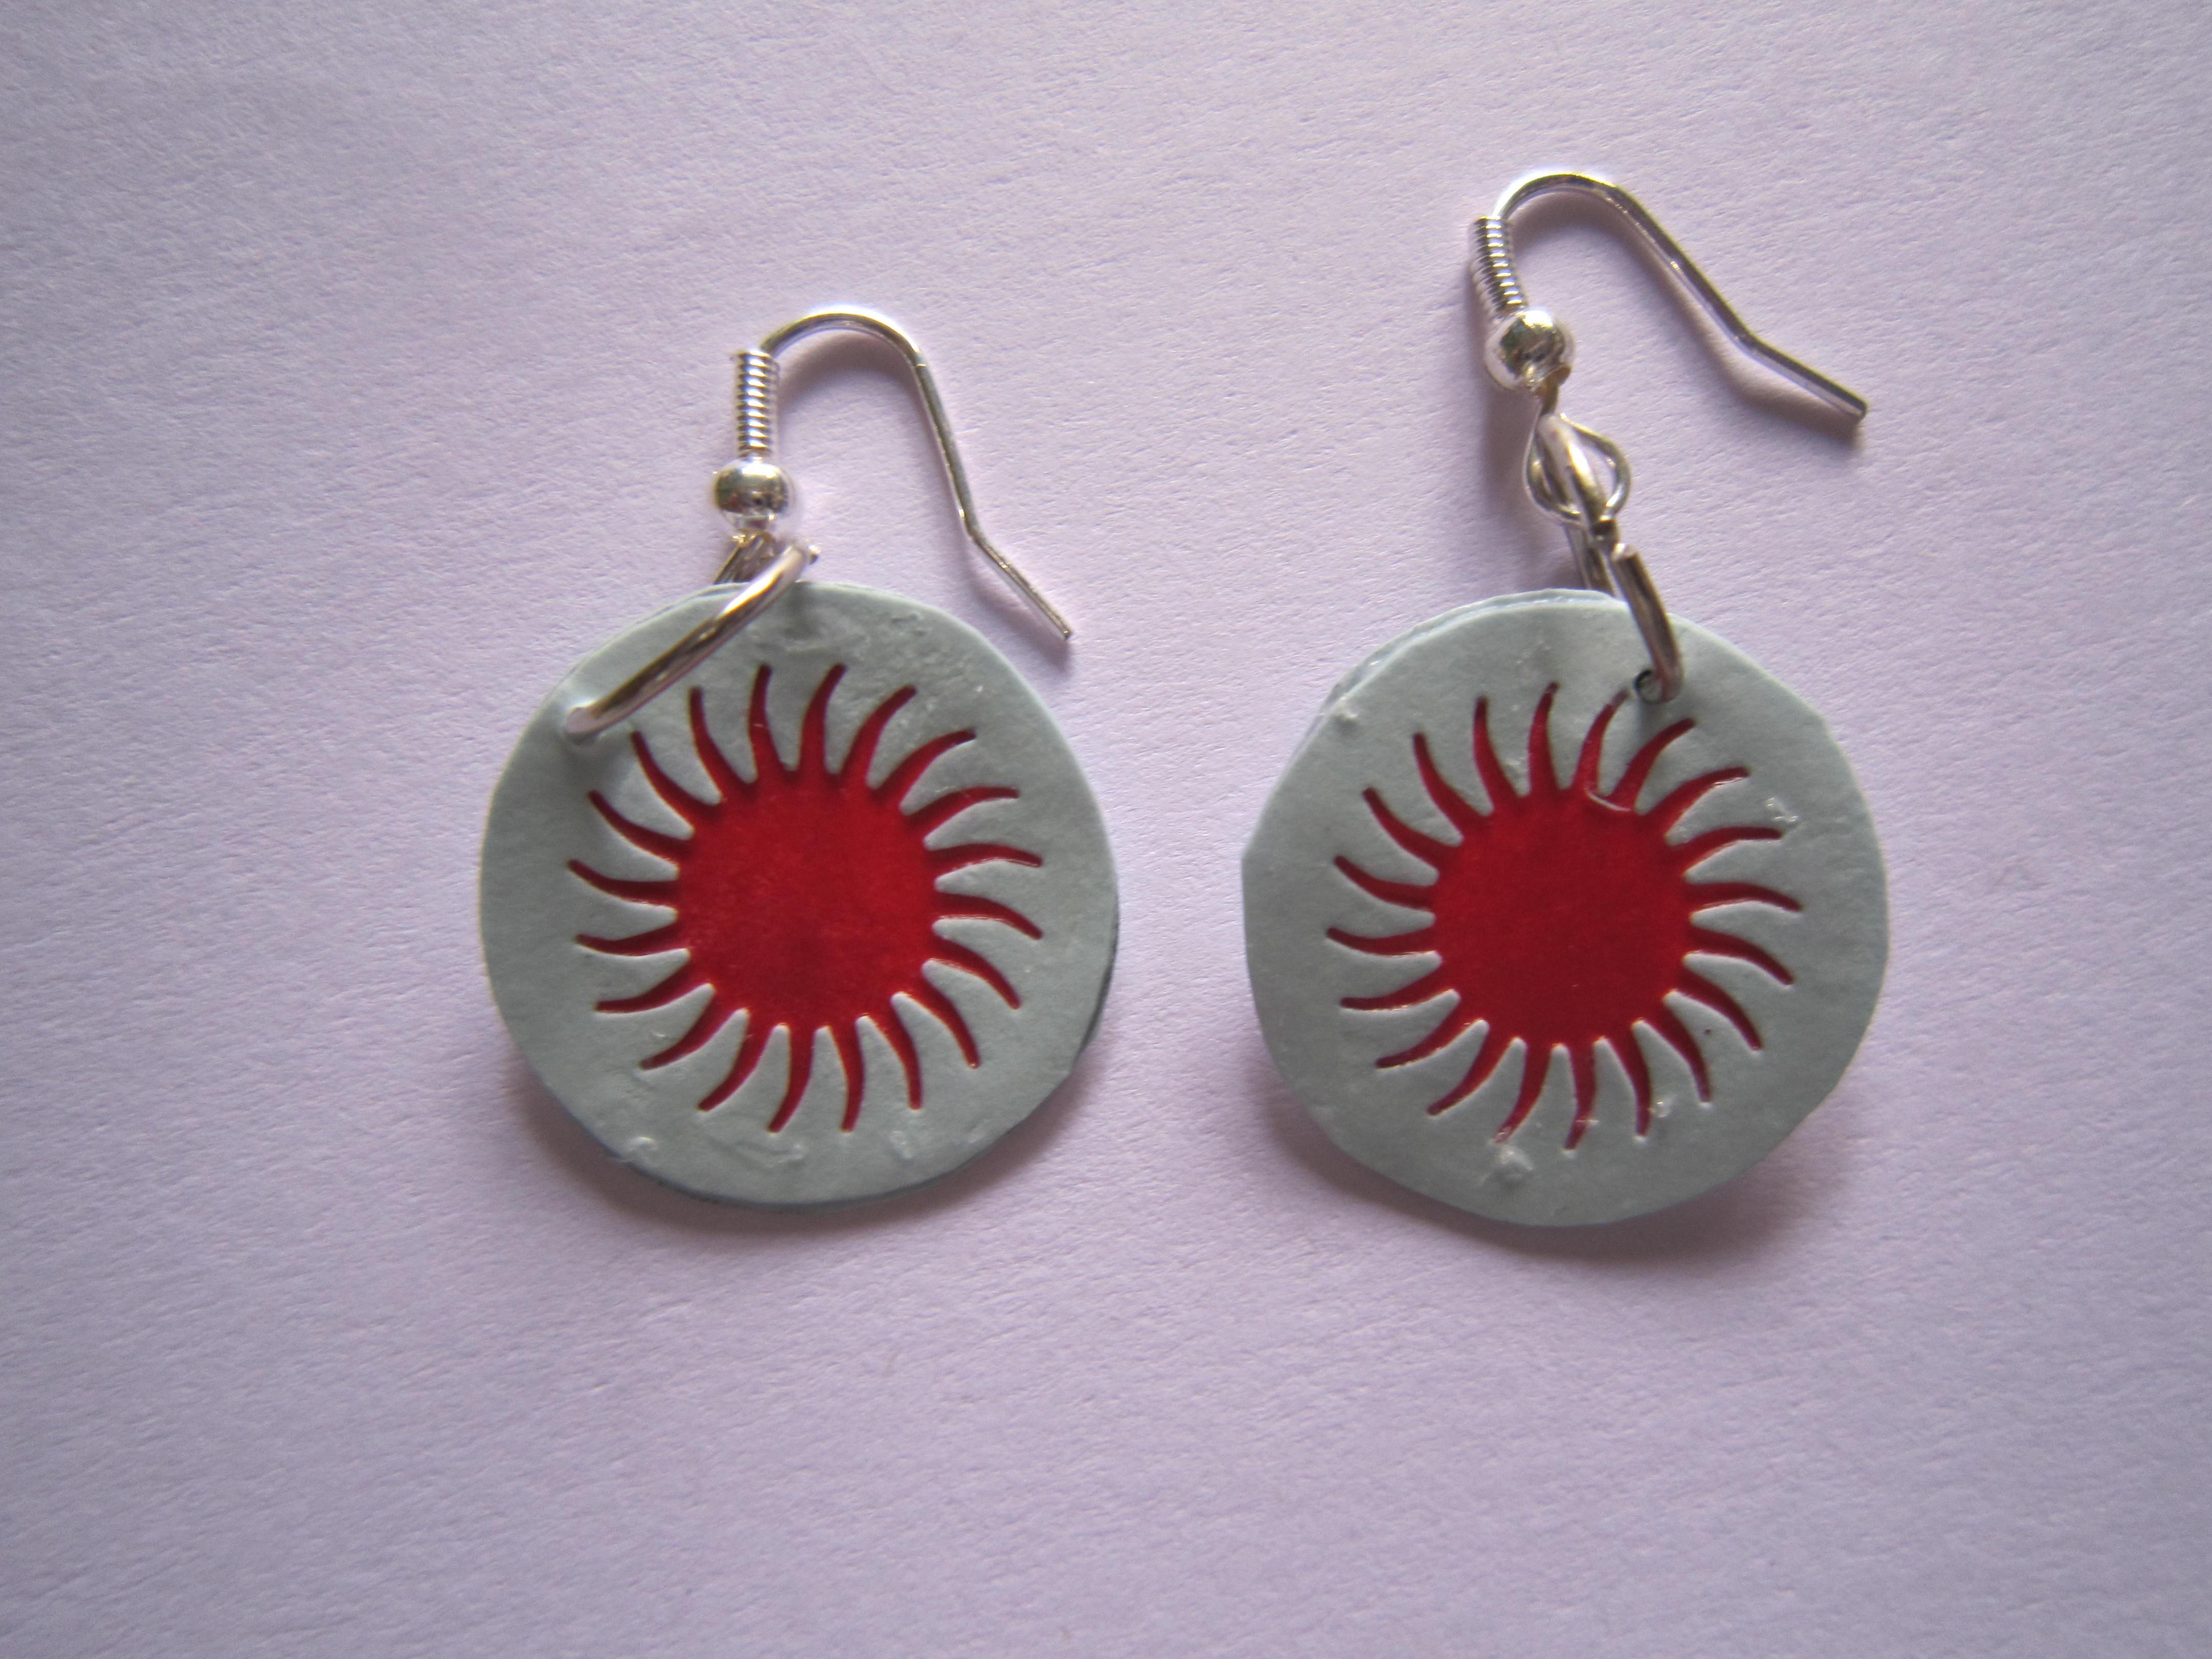 paper earrings handmade paper jewellery tutorial - photo #25